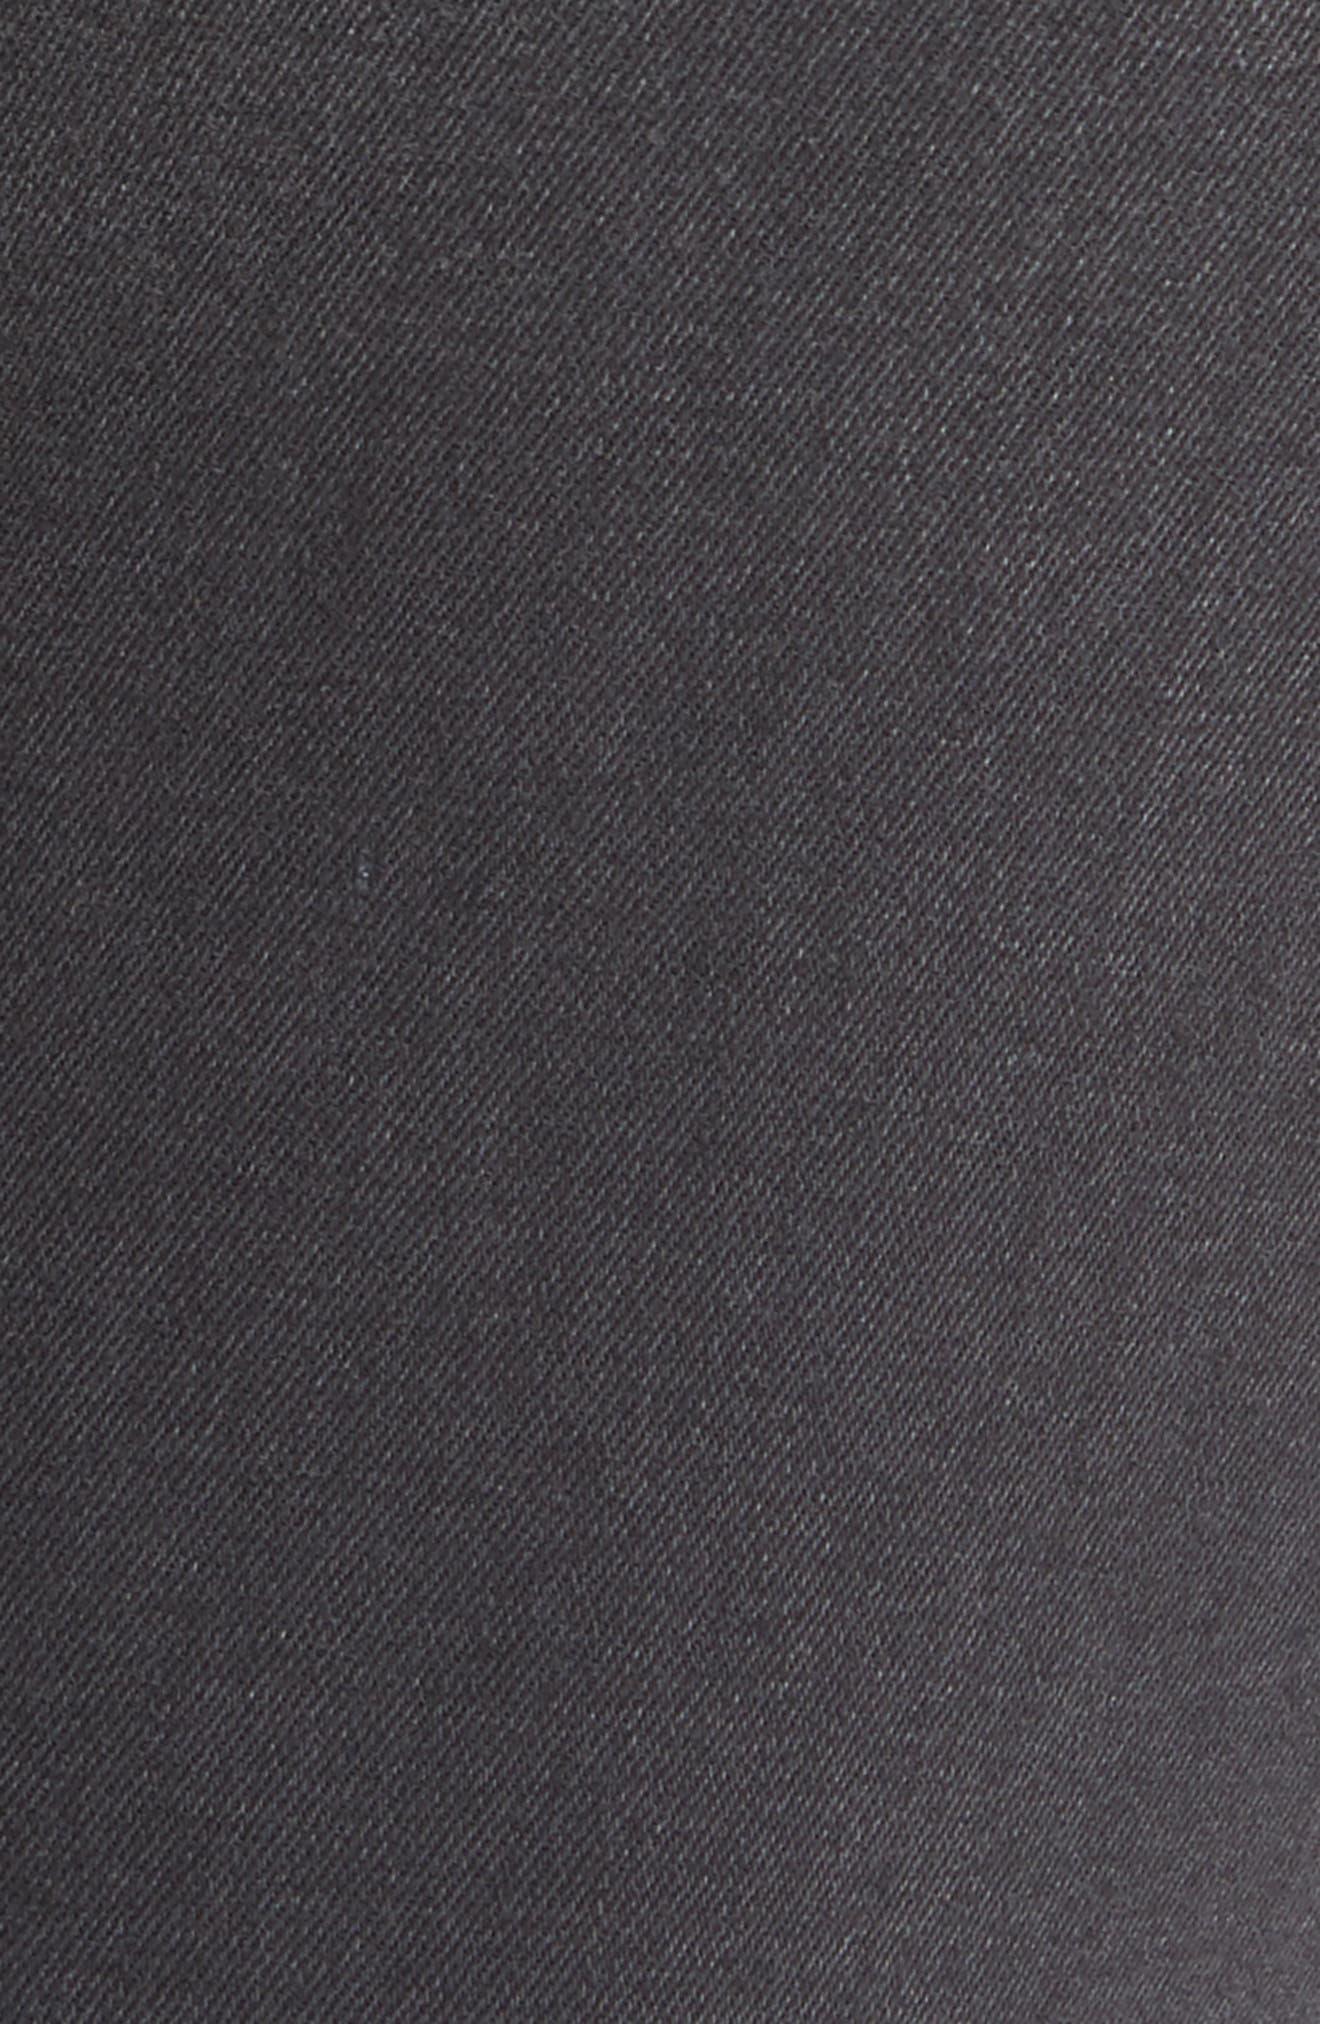 Alternate Image 5  - NYDJ Two Tone Stretch Girlfriend Jeans (Cassiar)